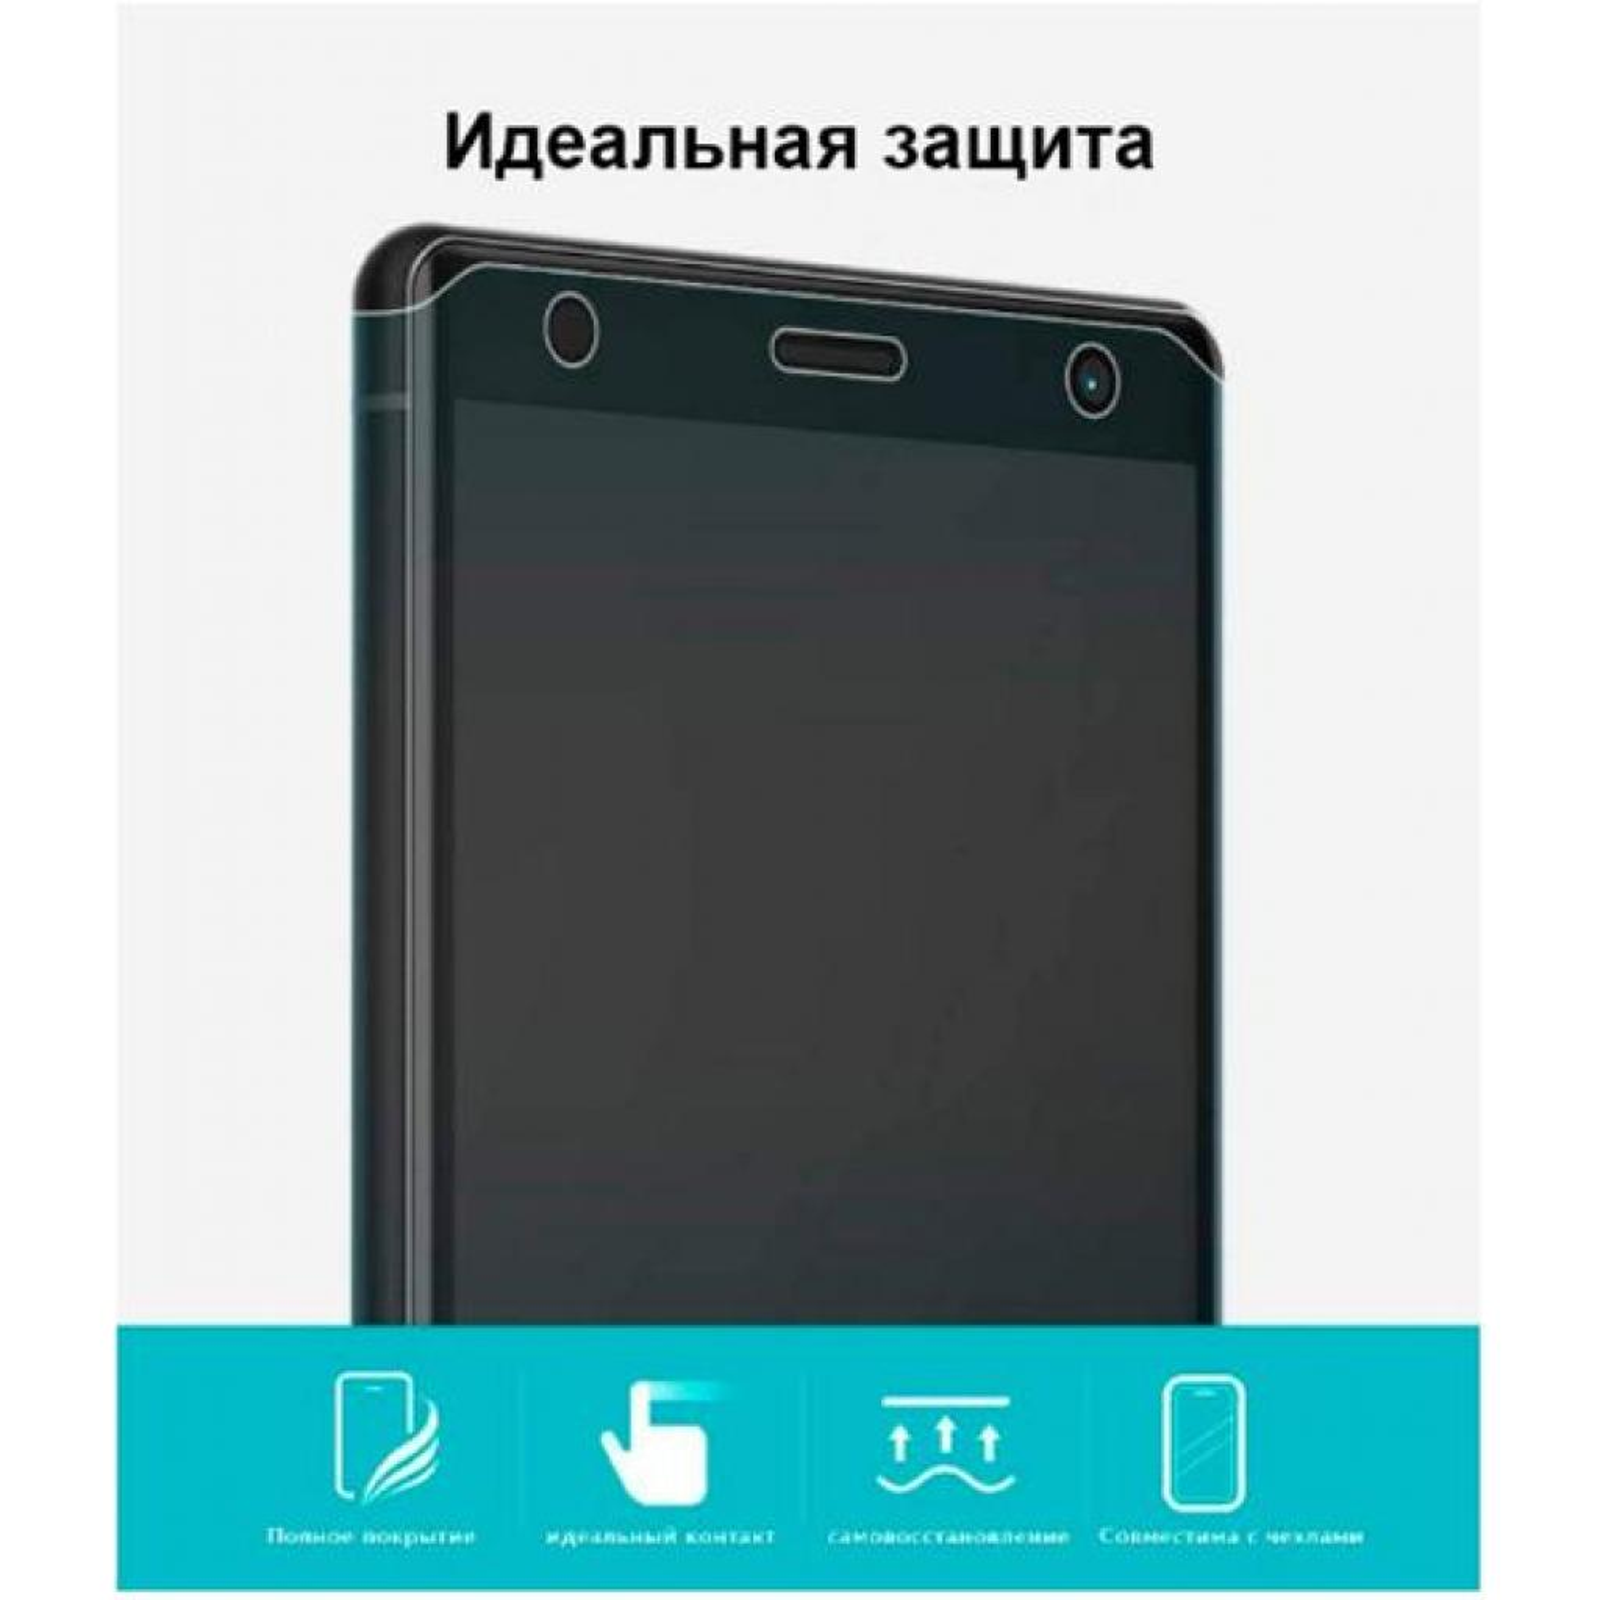 Пленка защитная Ringke для телефона Sony Xperia XZ2 Compact Full Cover (RSP4456) изображение 2